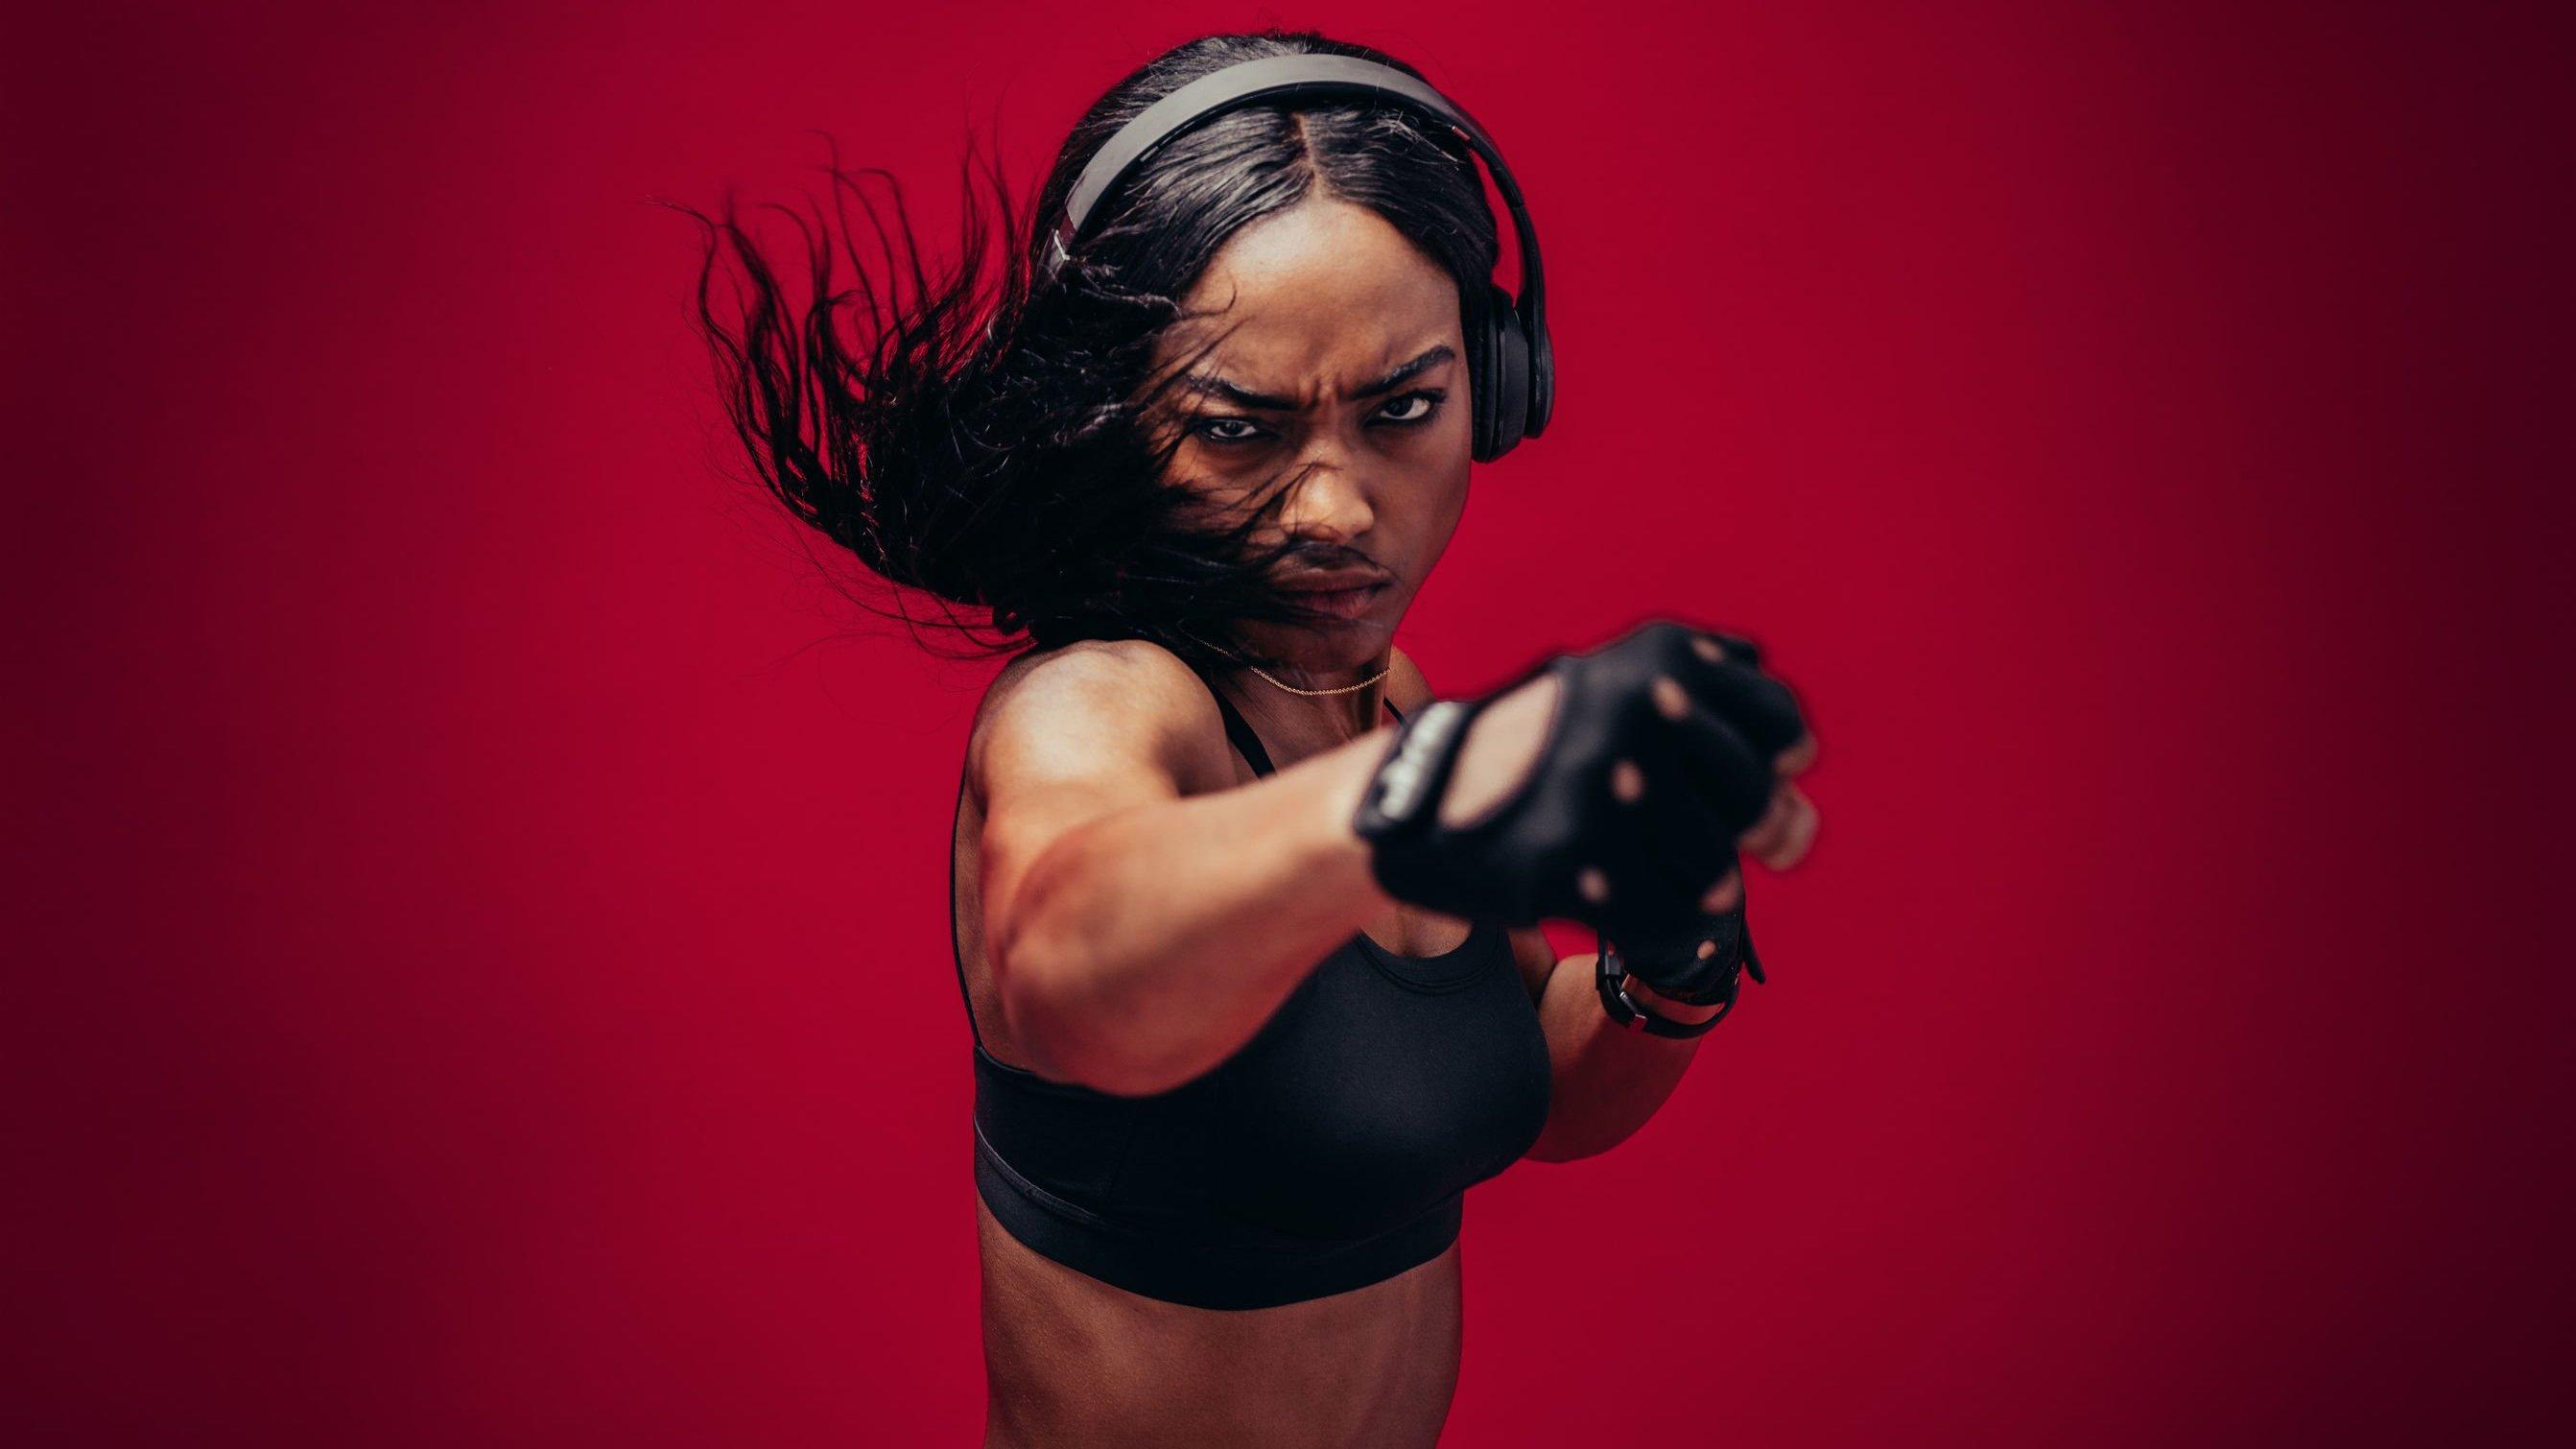 Mulher em posição de luta.